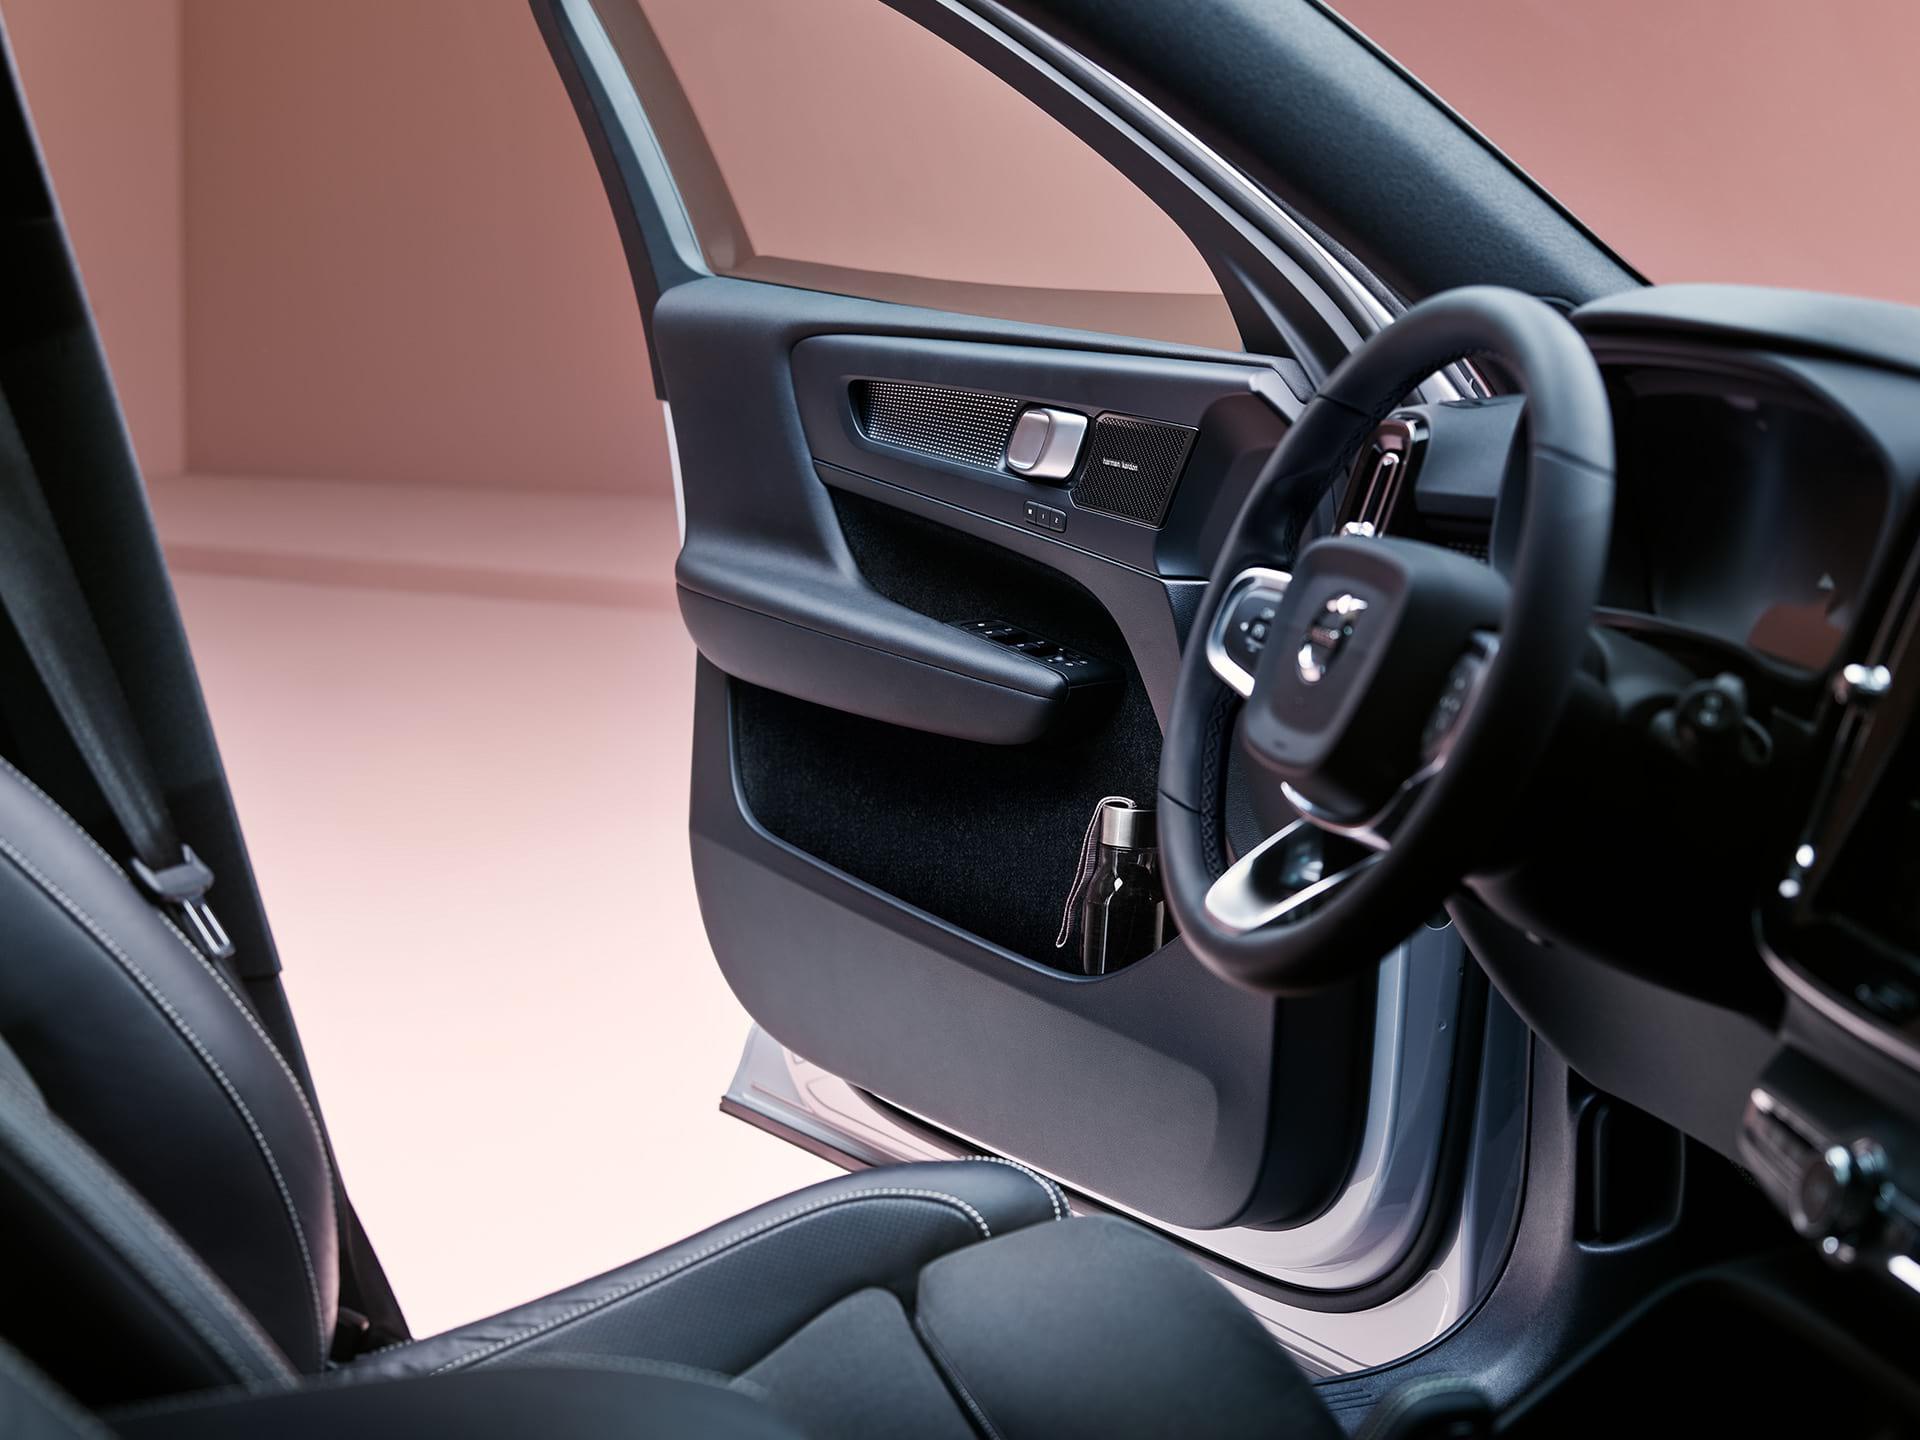 De binnenkant van een Volvo XC40 Recharge met zwart interieur, het bestuurdersportier staat open met daarin een waterfles.